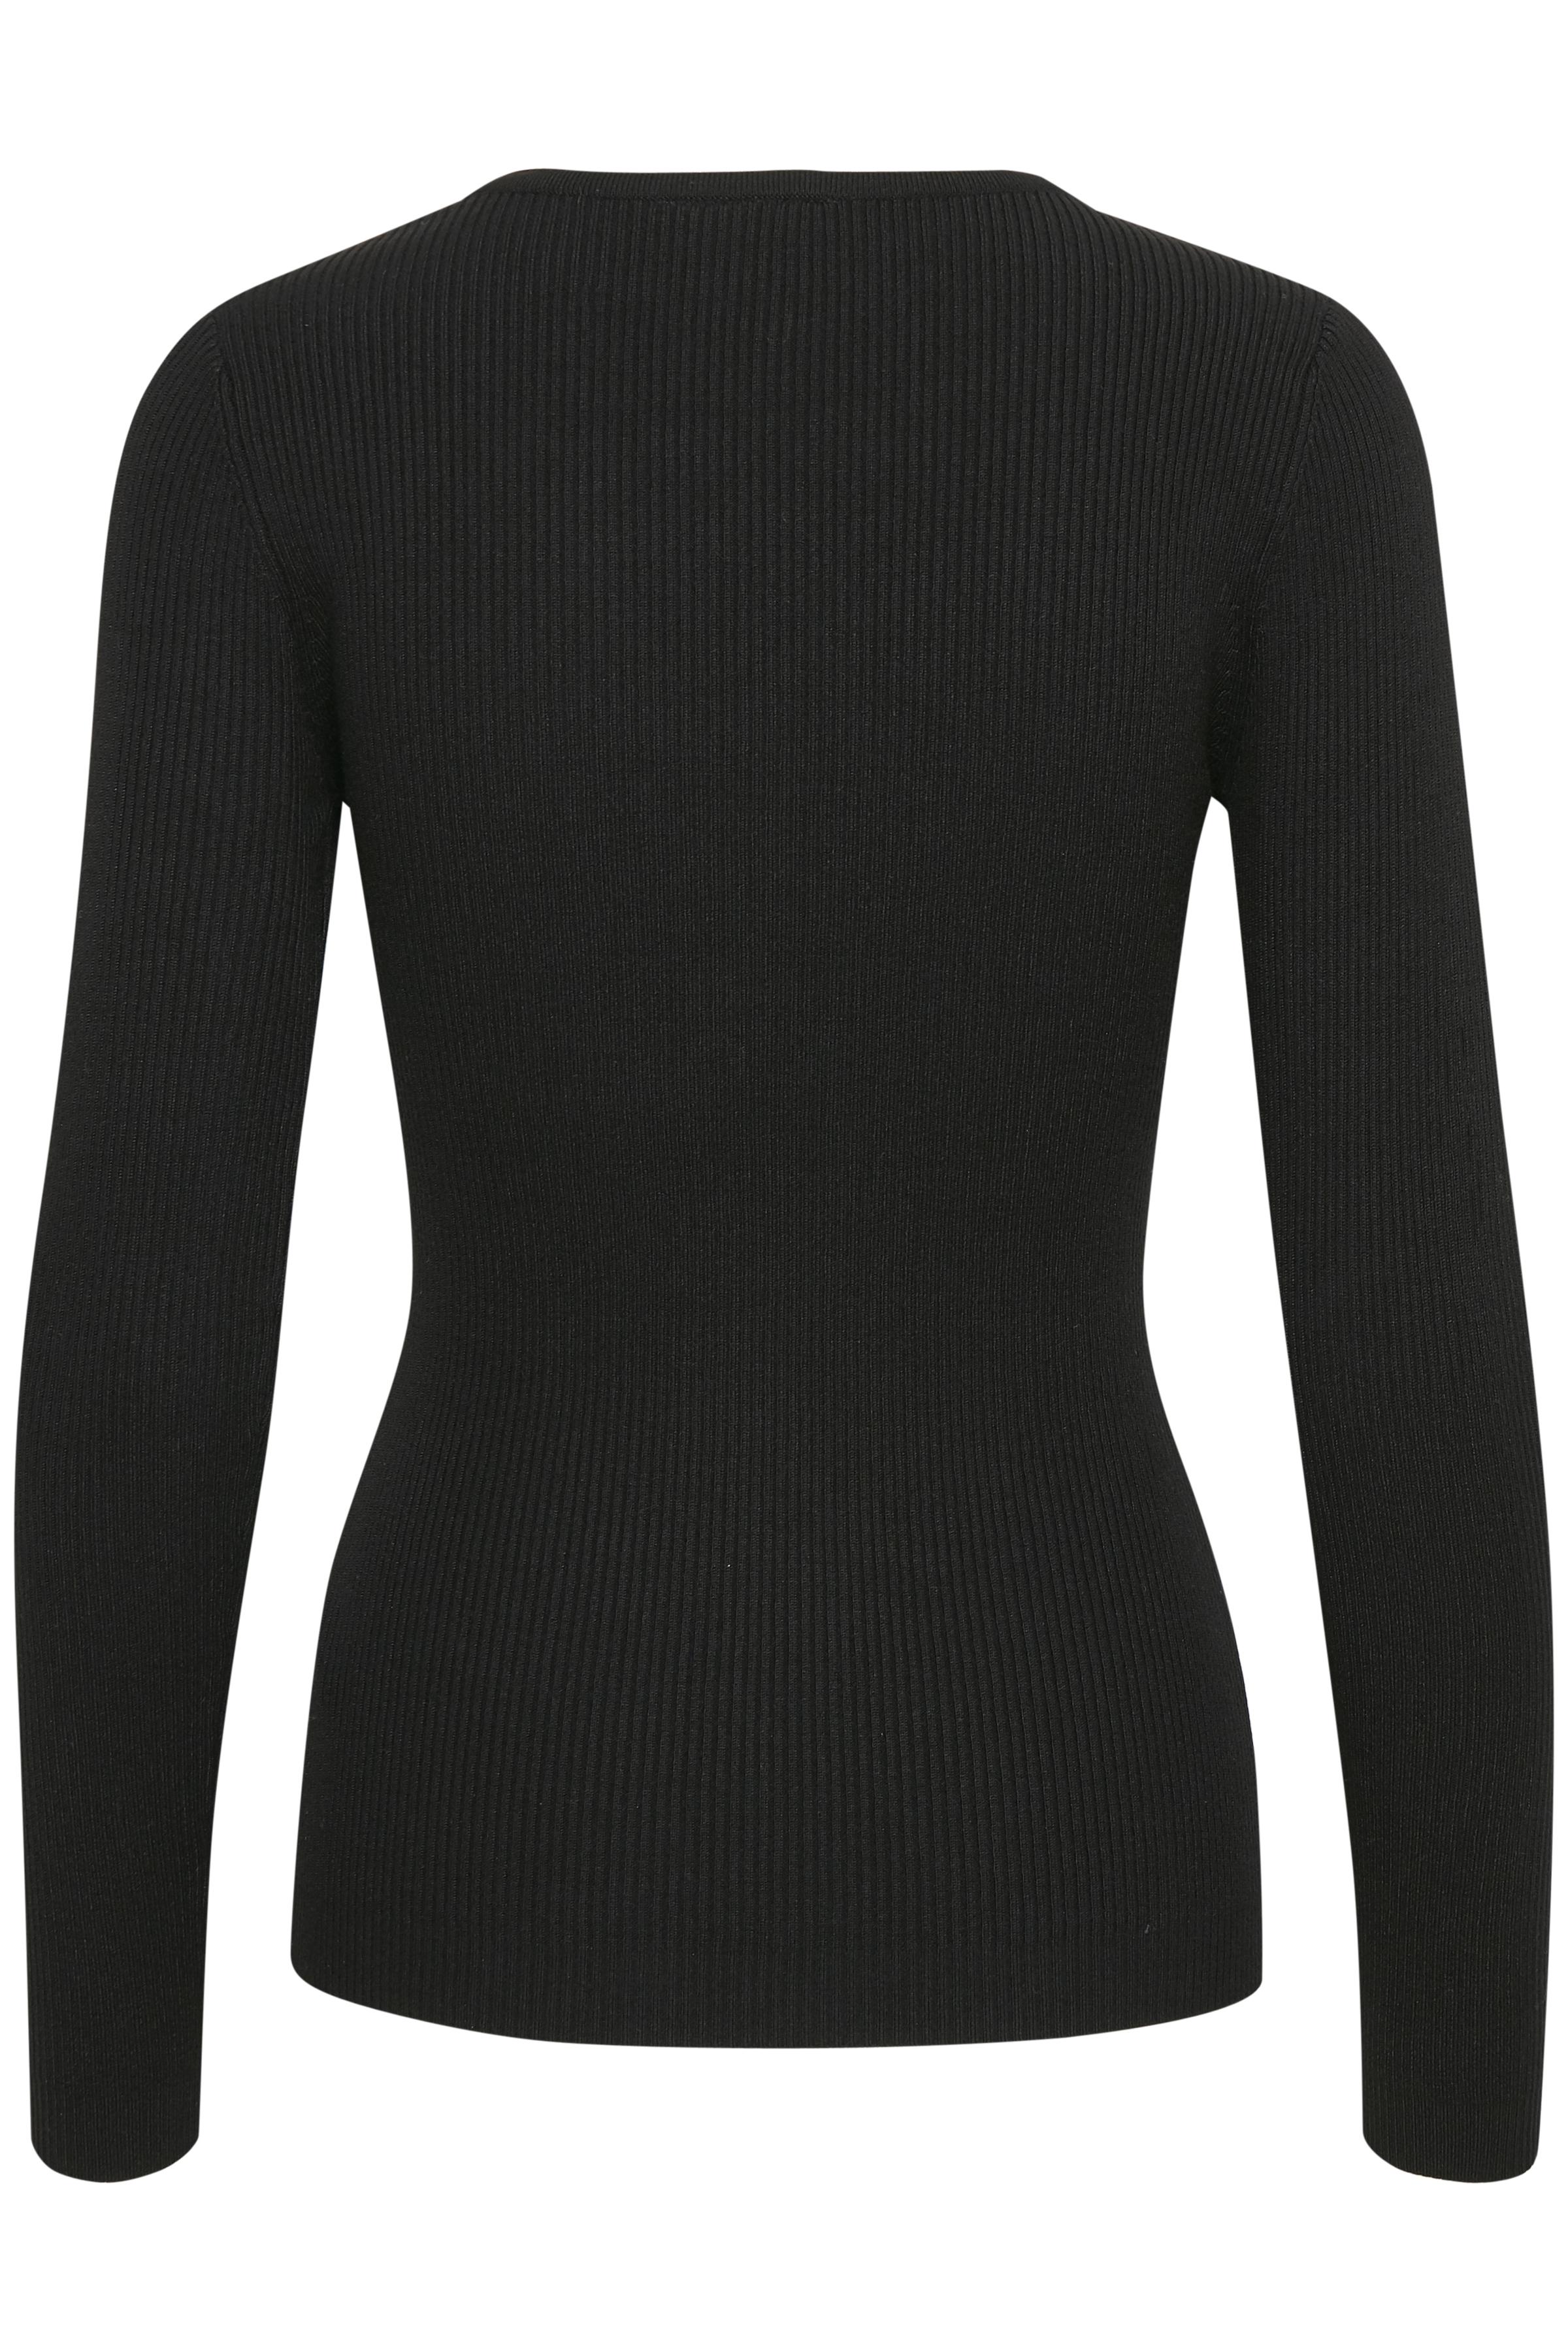 Svart Stickad pullover från Fransa – Köp Svart Stickad pullover från stl. XS-XXL här